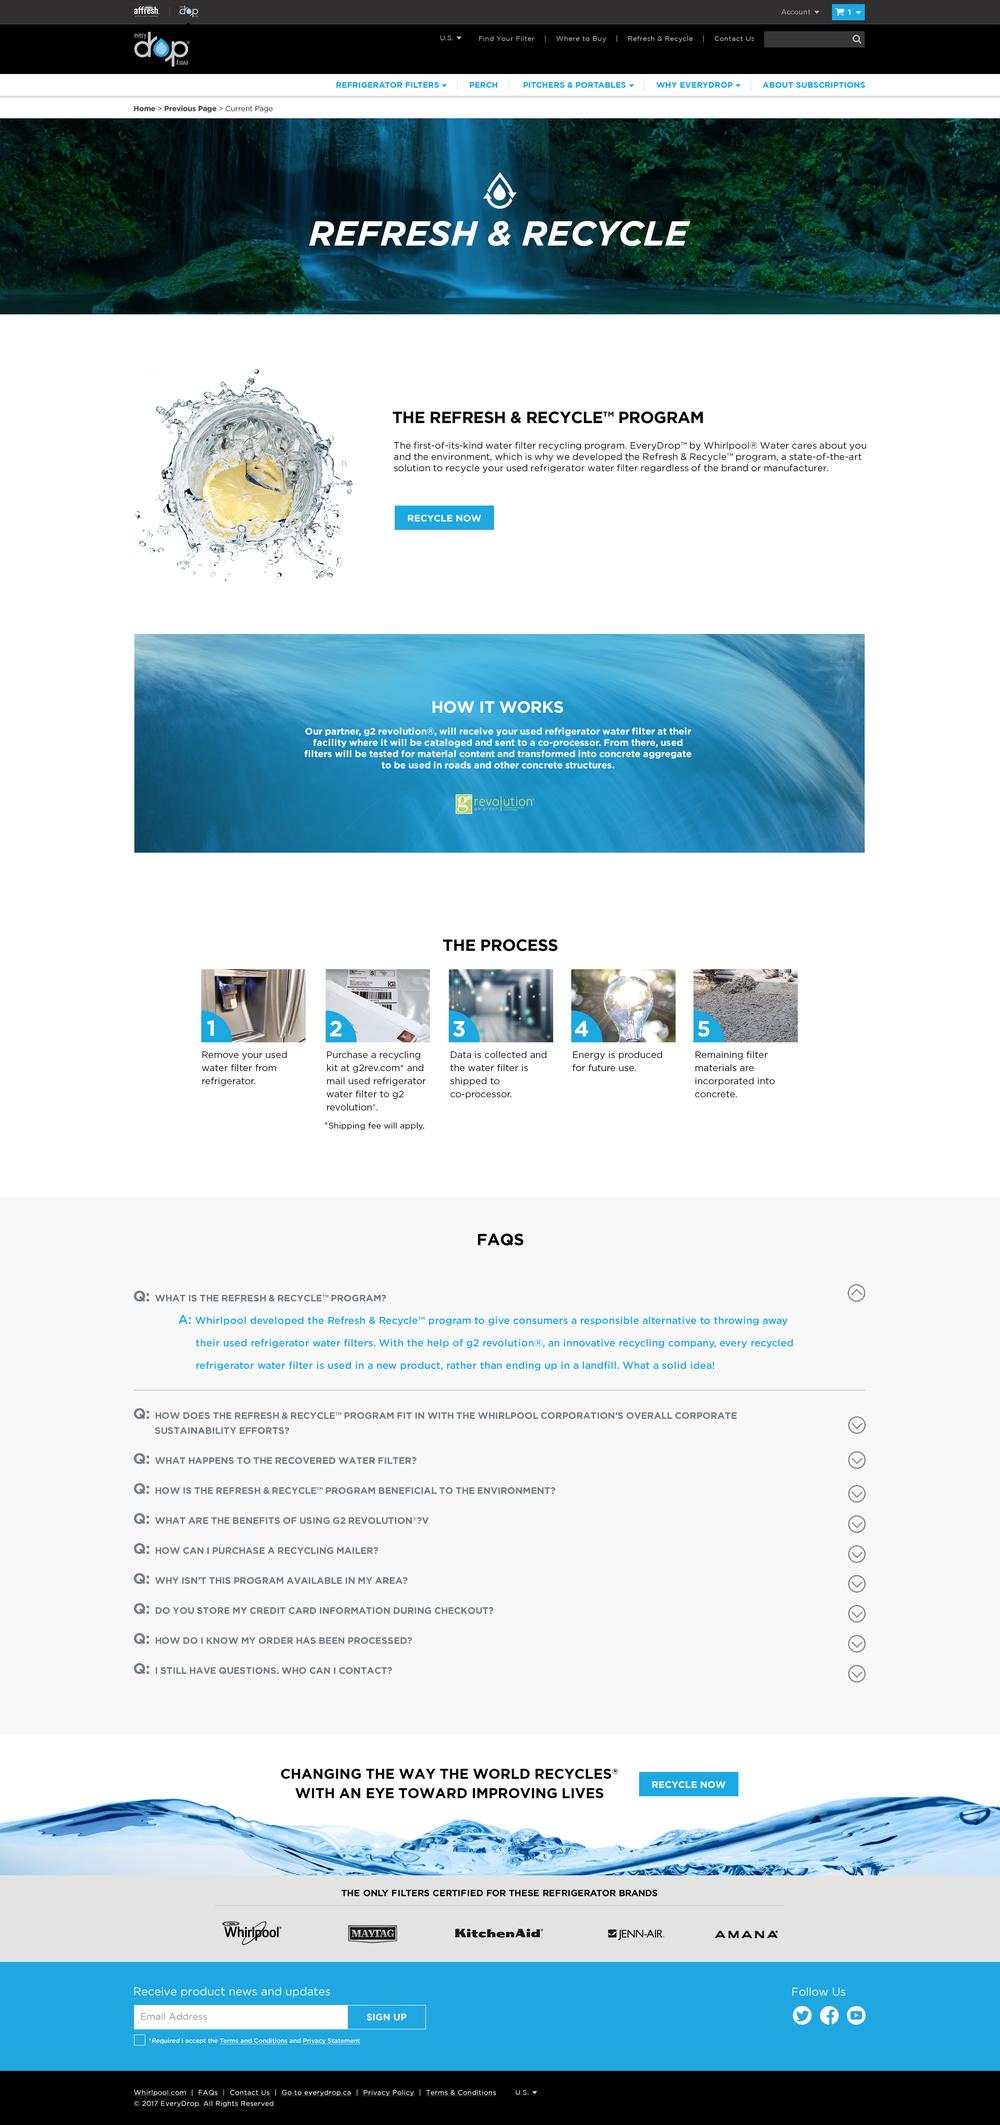 EDW_R2_Desktop_Page_07.png